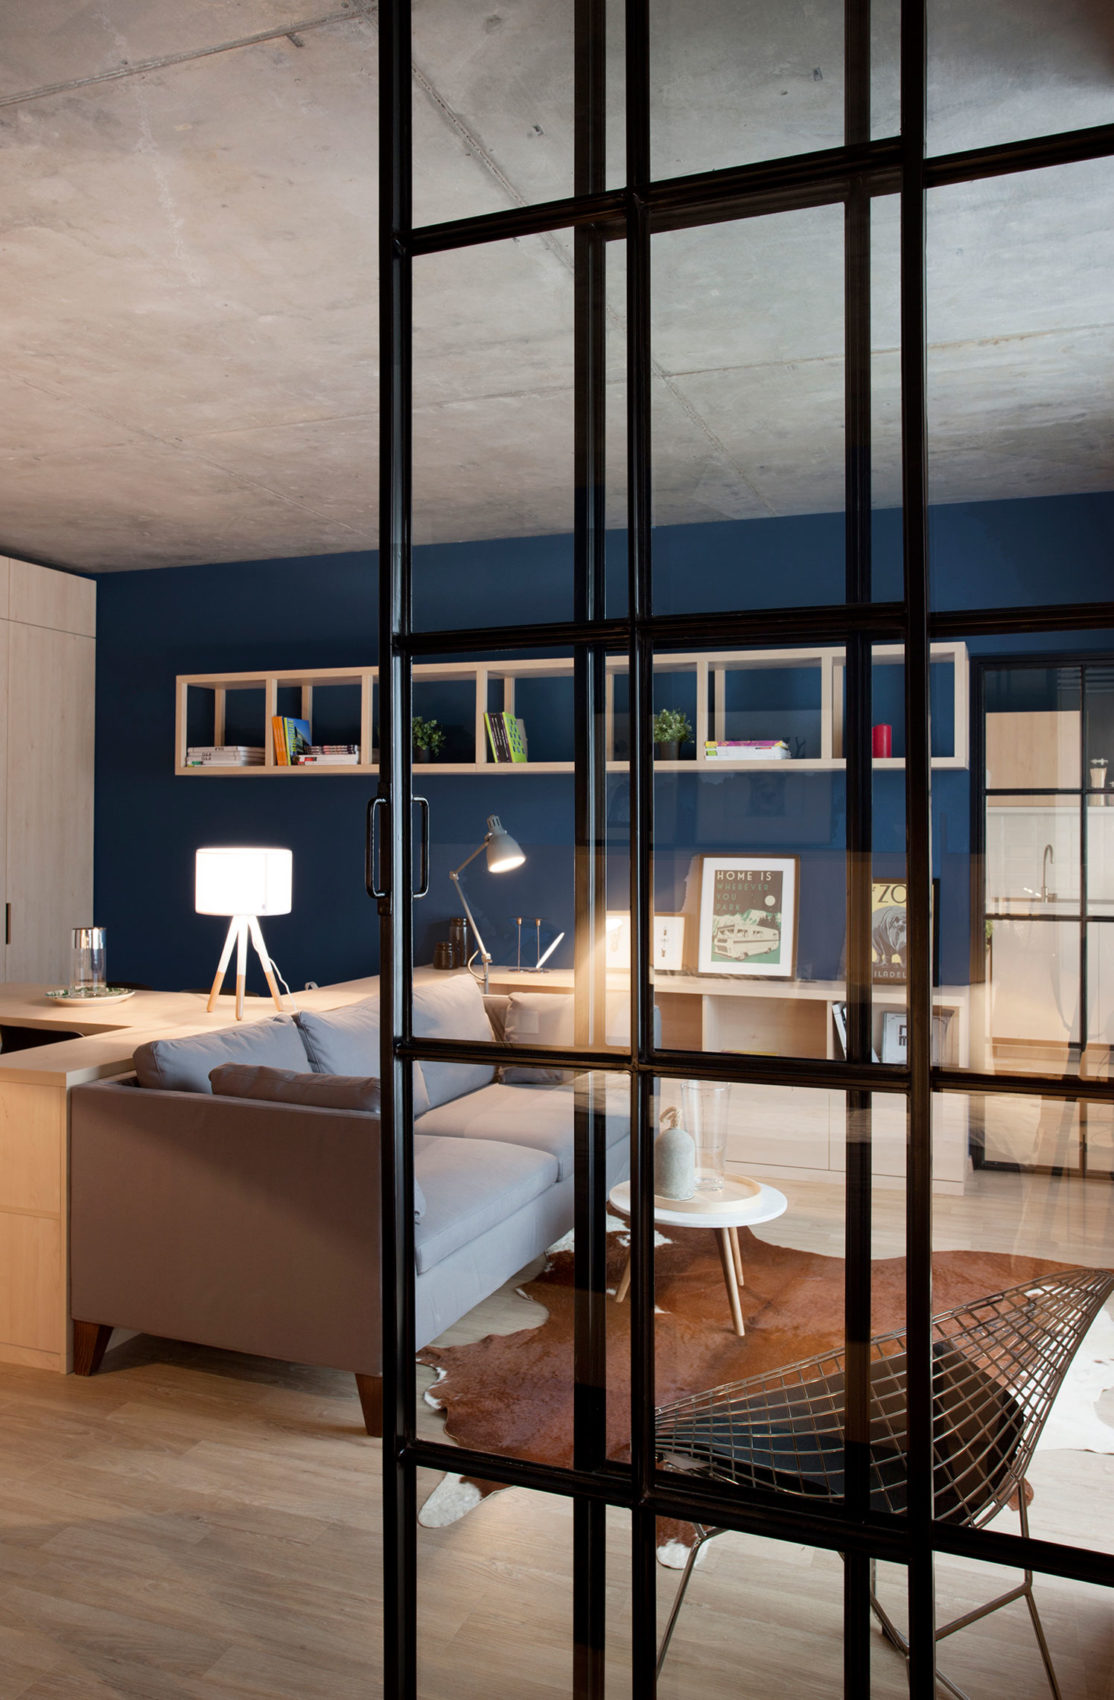 Apartment No. 3 by Bogdan Ciocodeică & Diana Roşu (16)